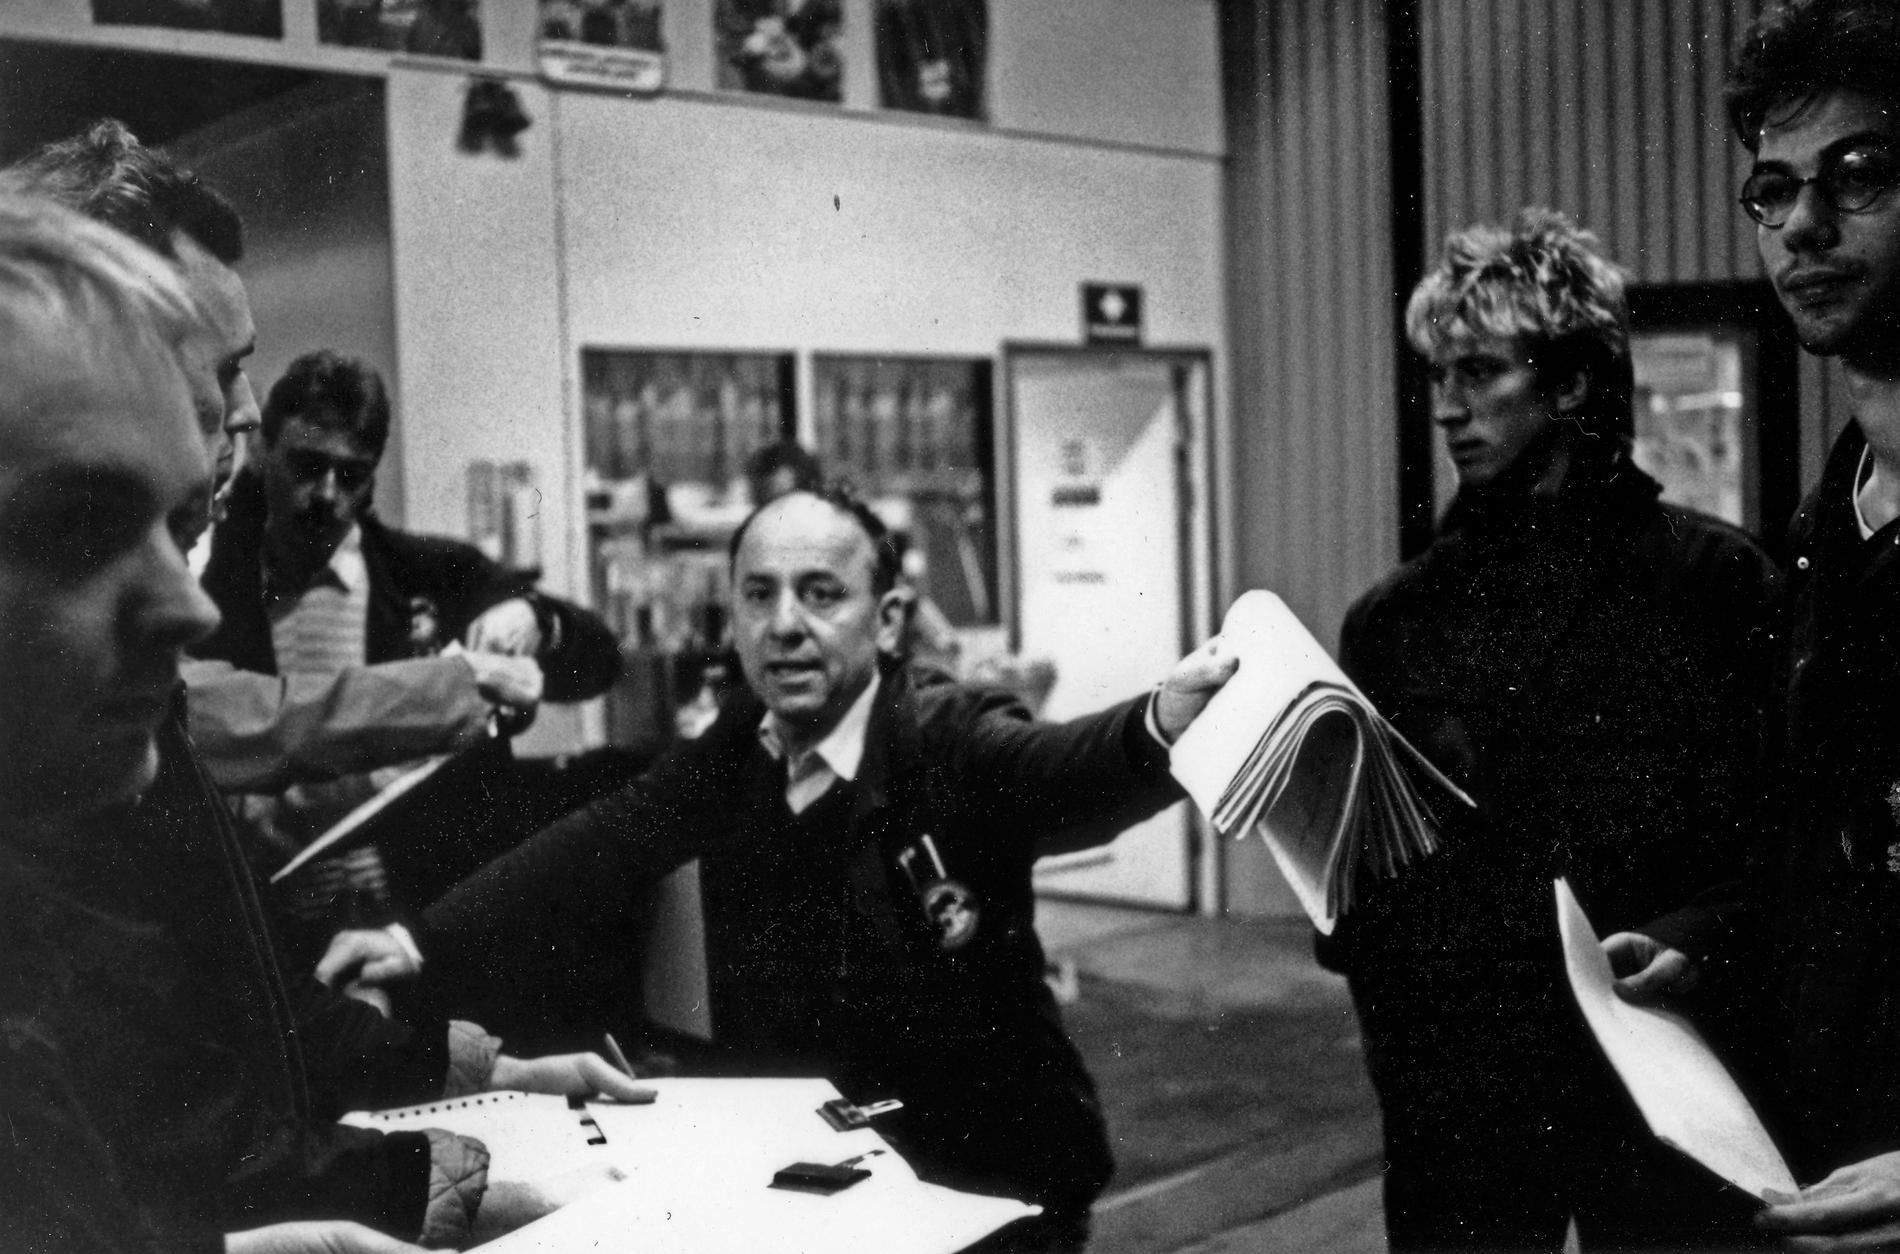 Årsta partihallar 1982. Förmannen lottar ut veckans största order. Mikael Nyberg längst till höger.